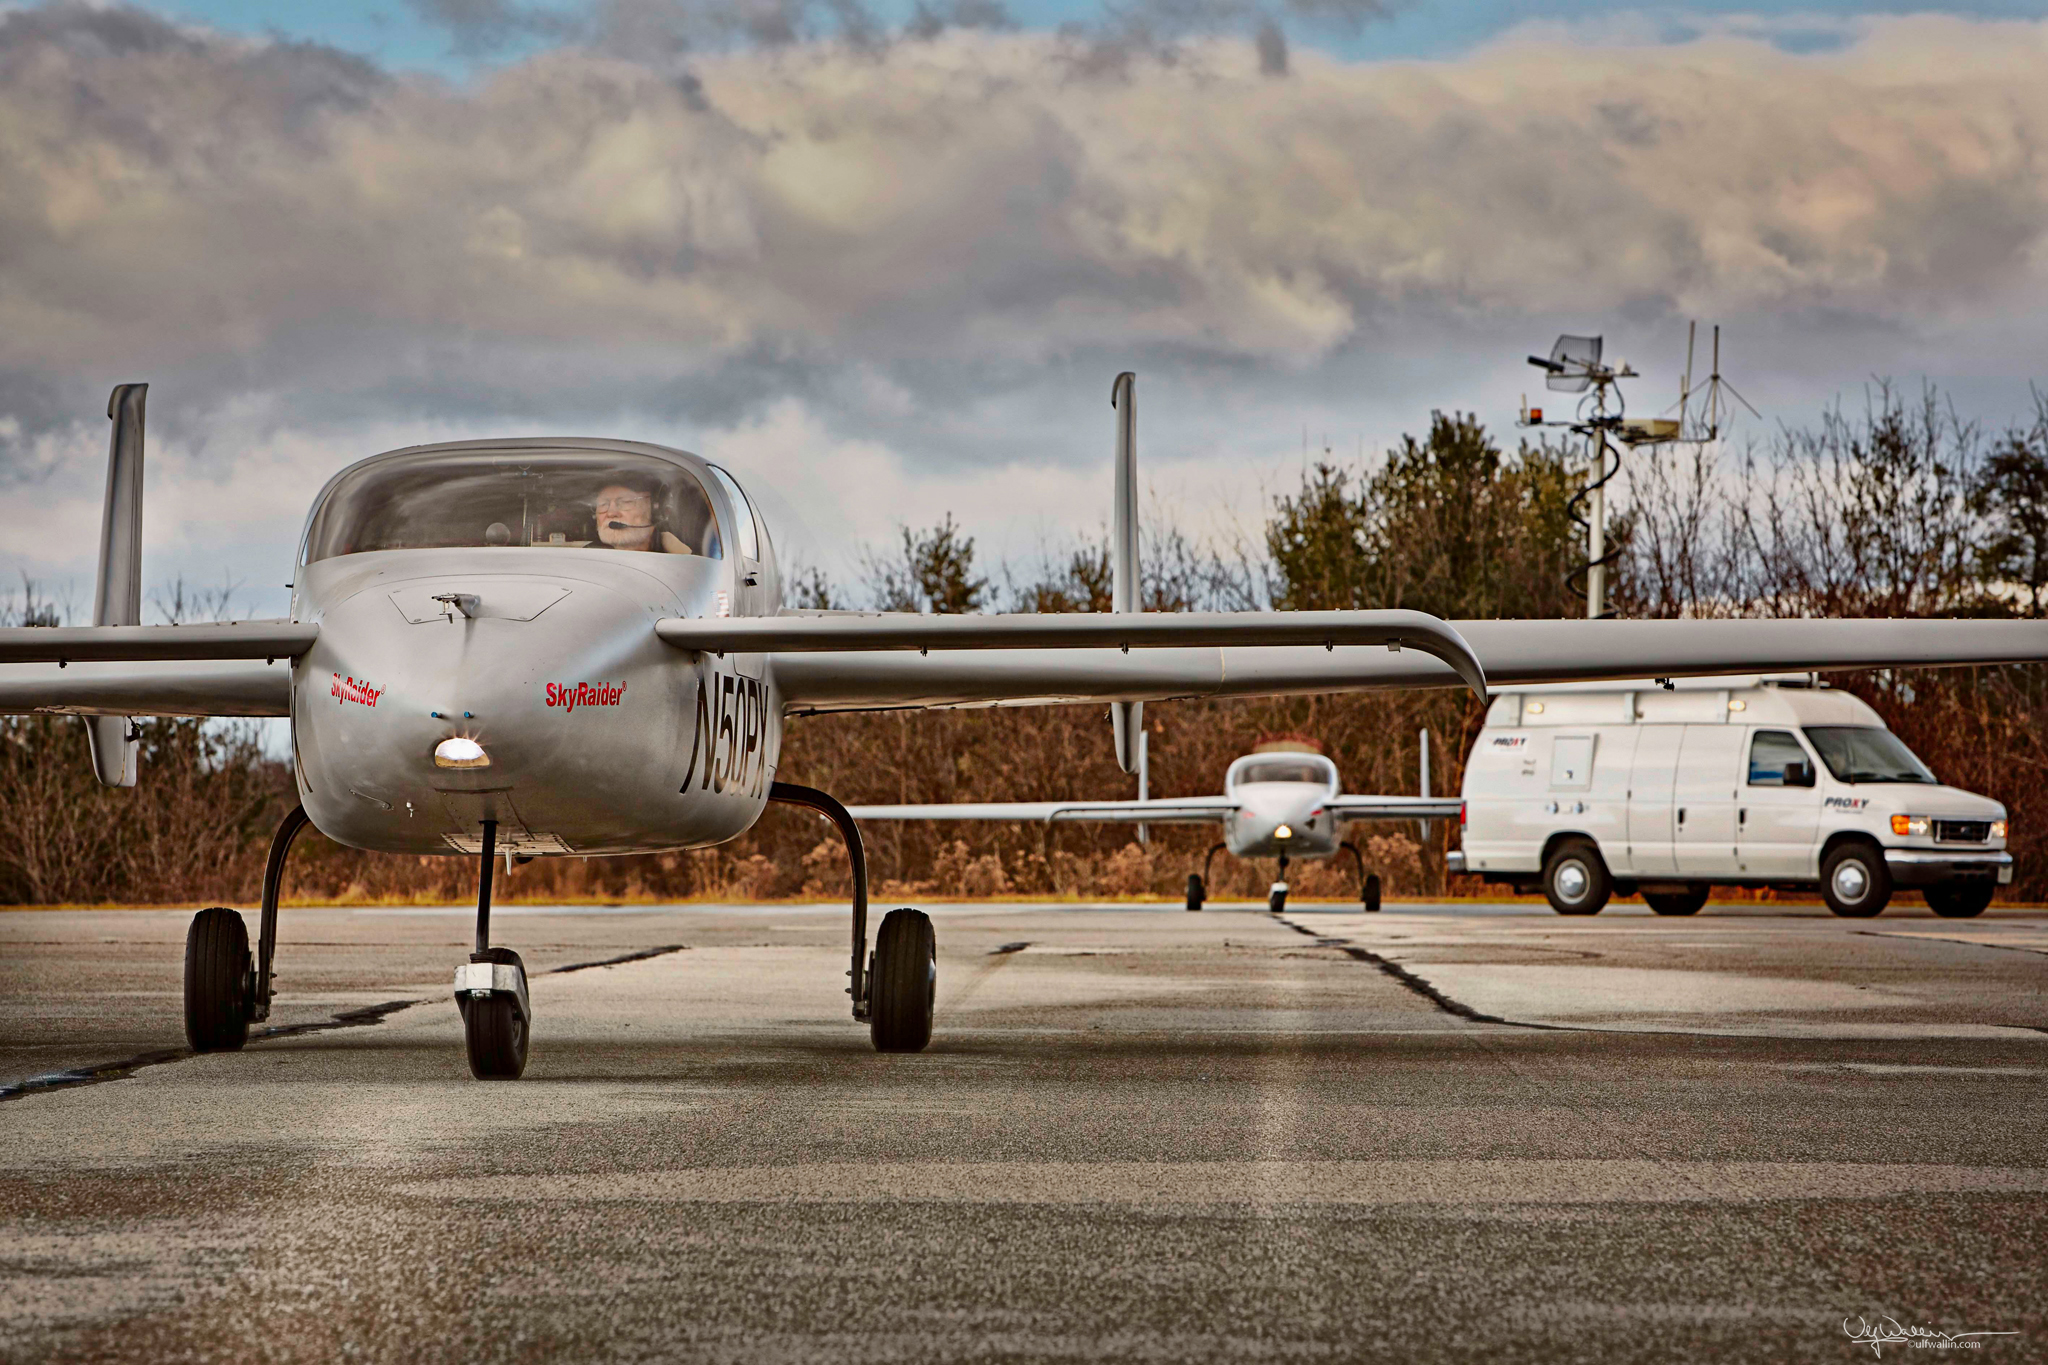 Skyraider OPV